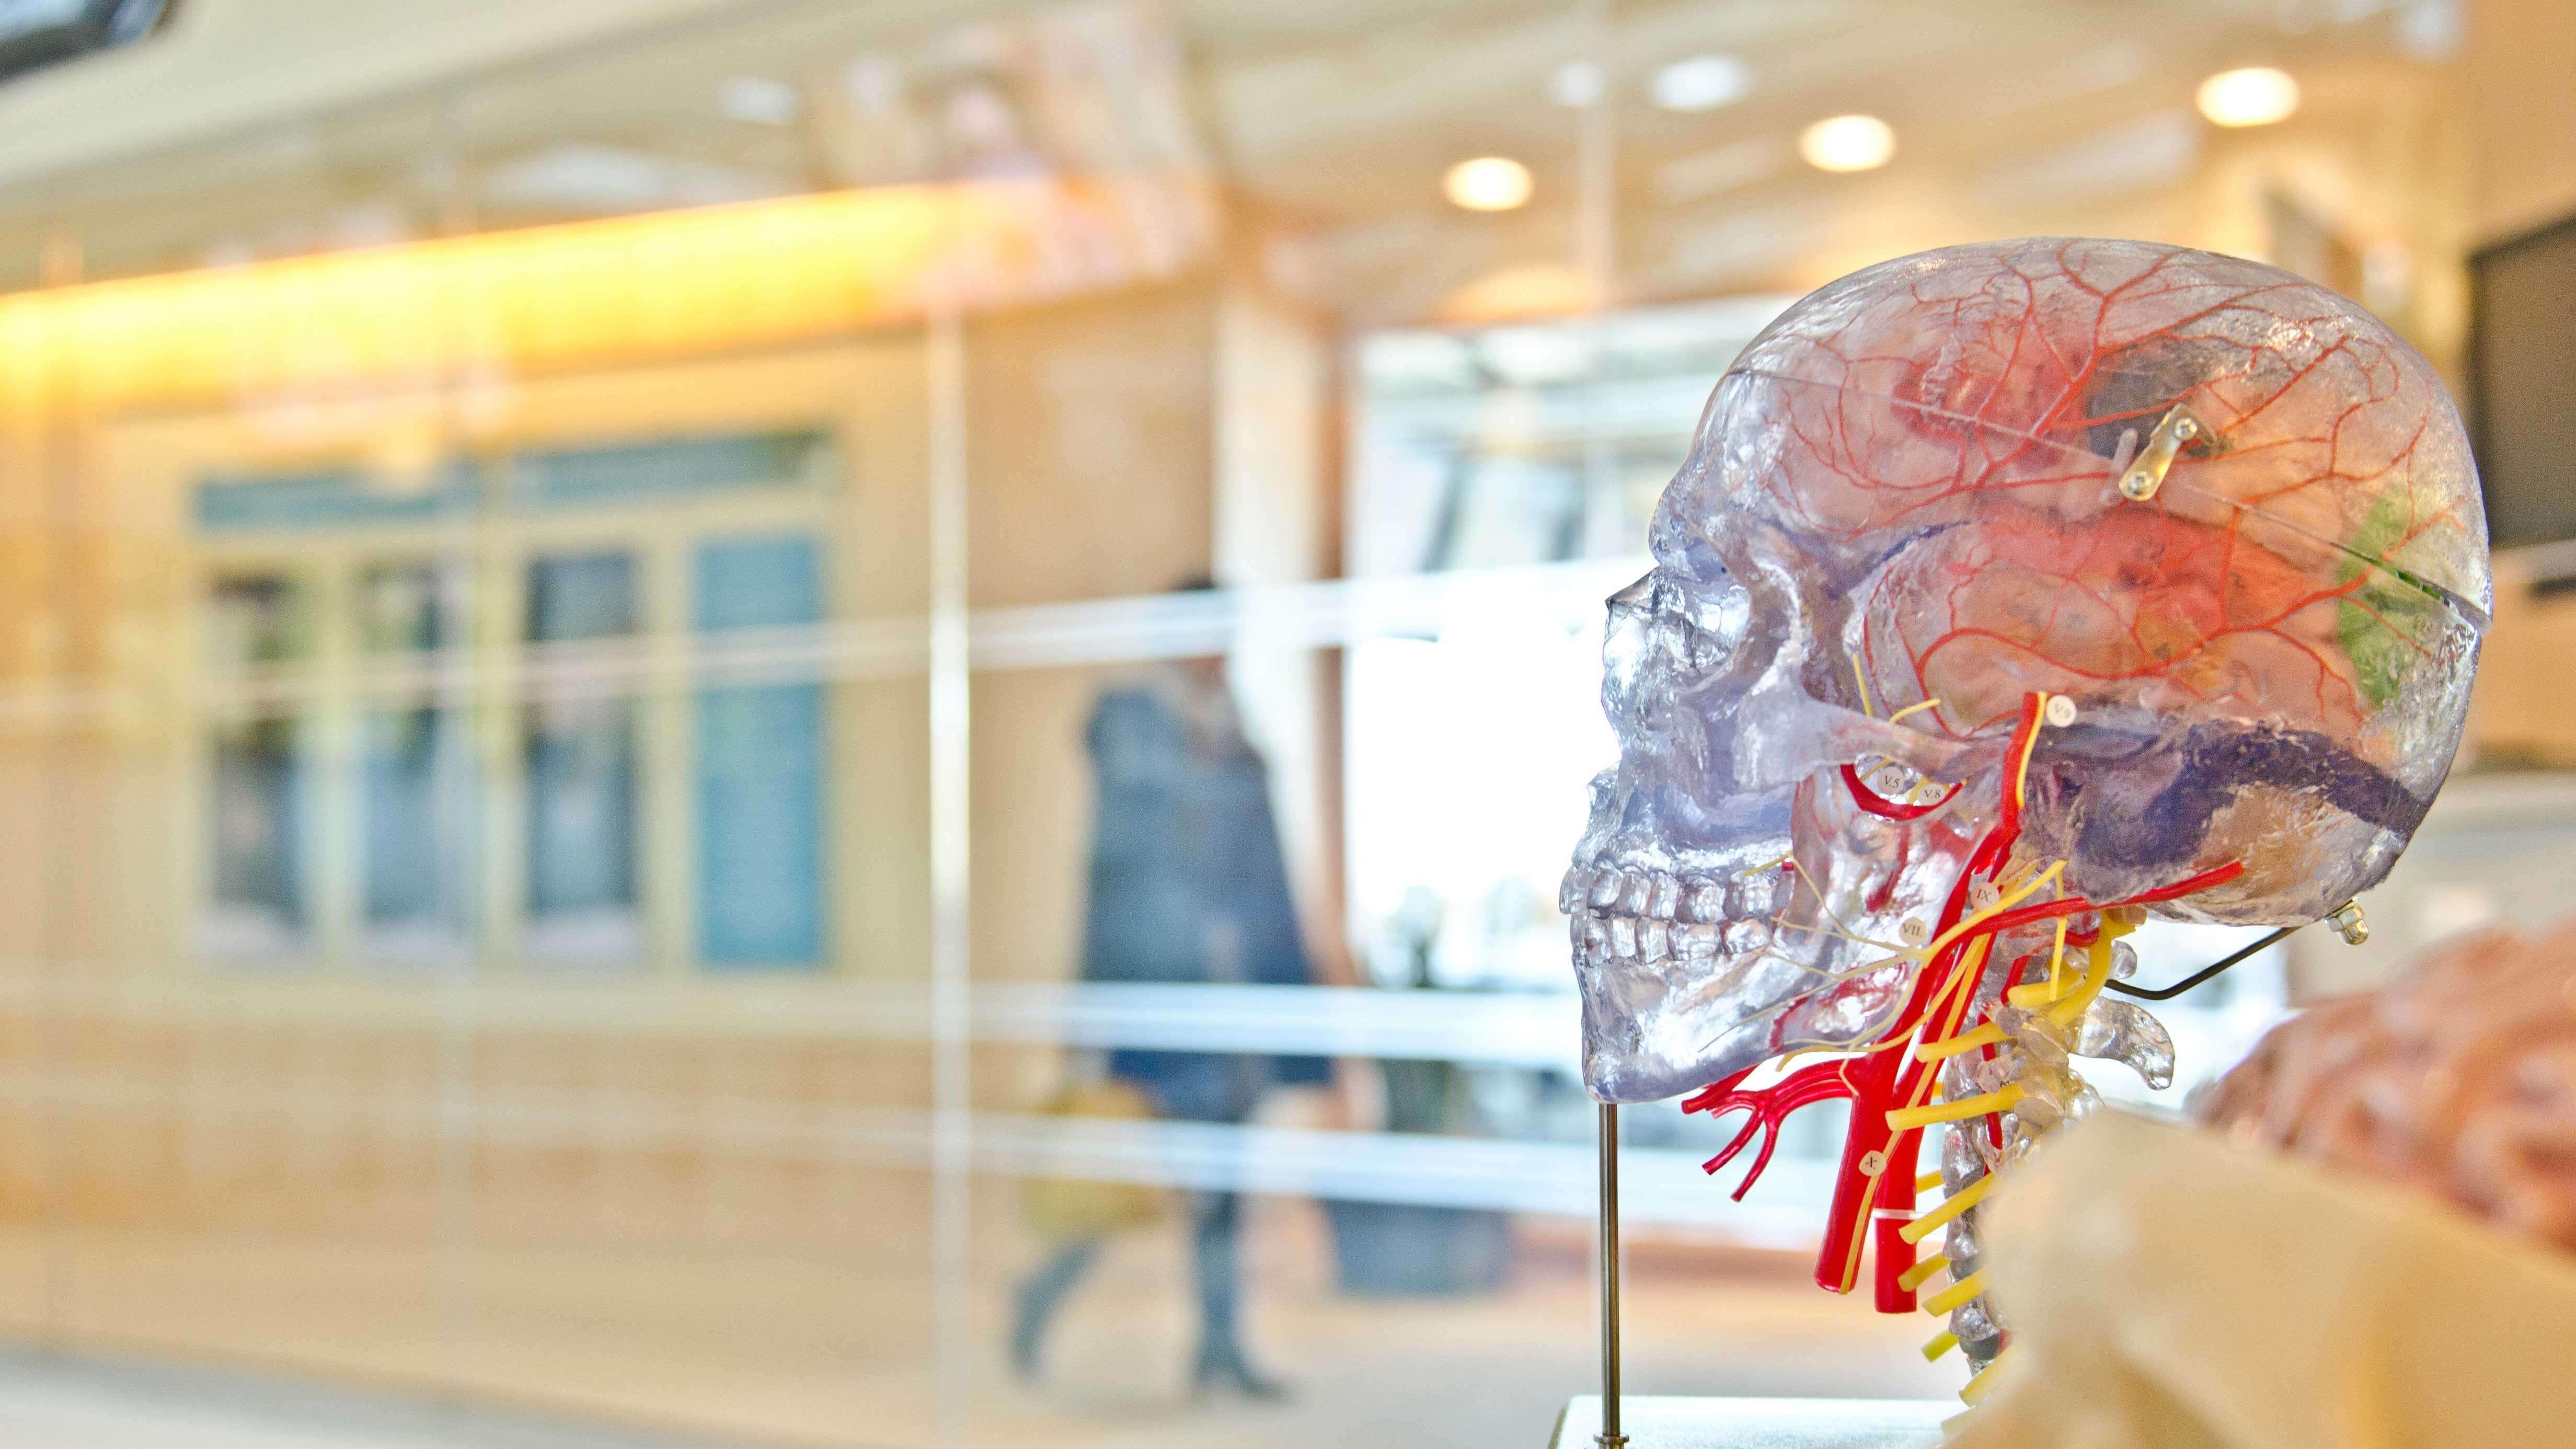 Esqueleto humano transparente com fios coloridos representando as veias.